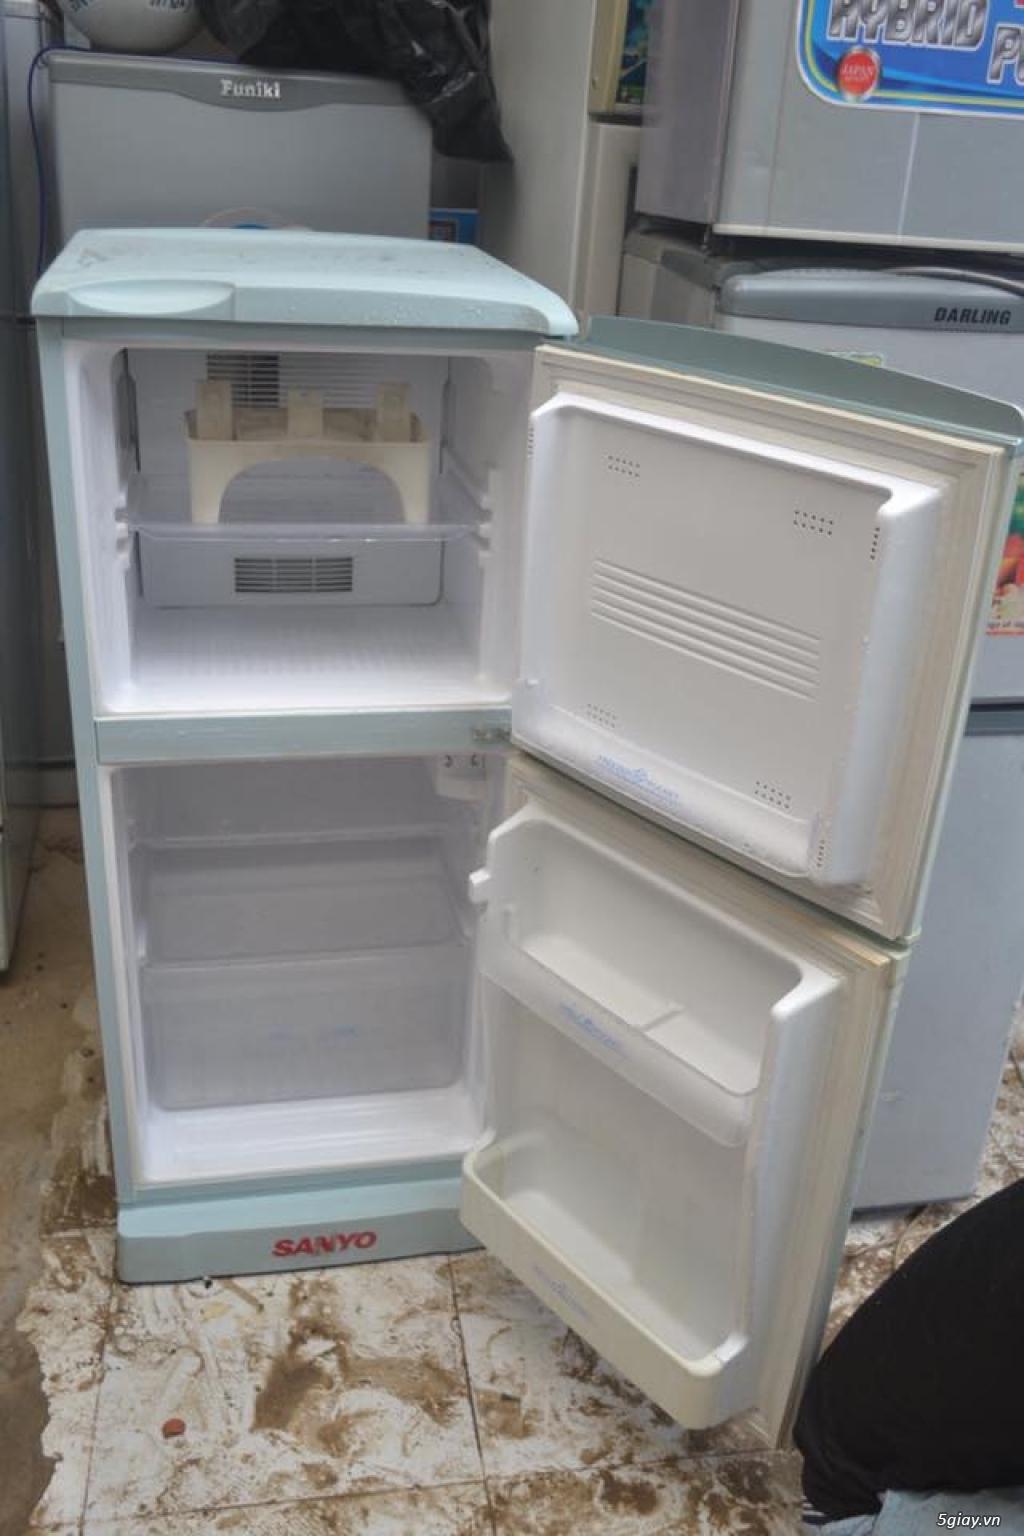 Thanh lý tủ lạnh Sanyo 120L k đông tuyết new 85% zin 100% - 1